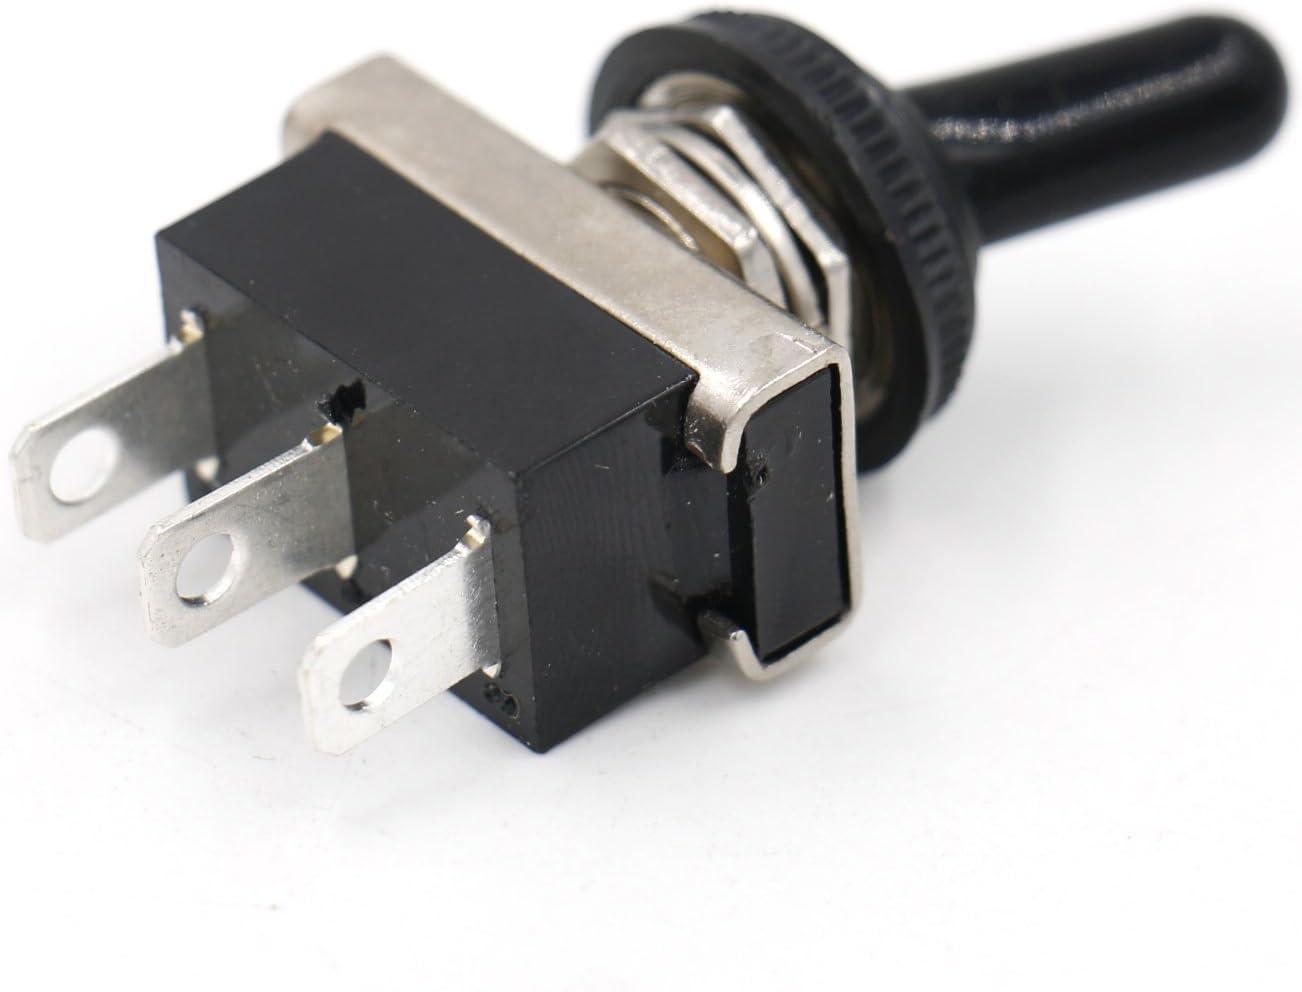 Heschen Interrupteur /à bascule m/étallique robuste flick flip 25A 12V SPDT ON//ON 2 position 3 broches pour voyant de voiture